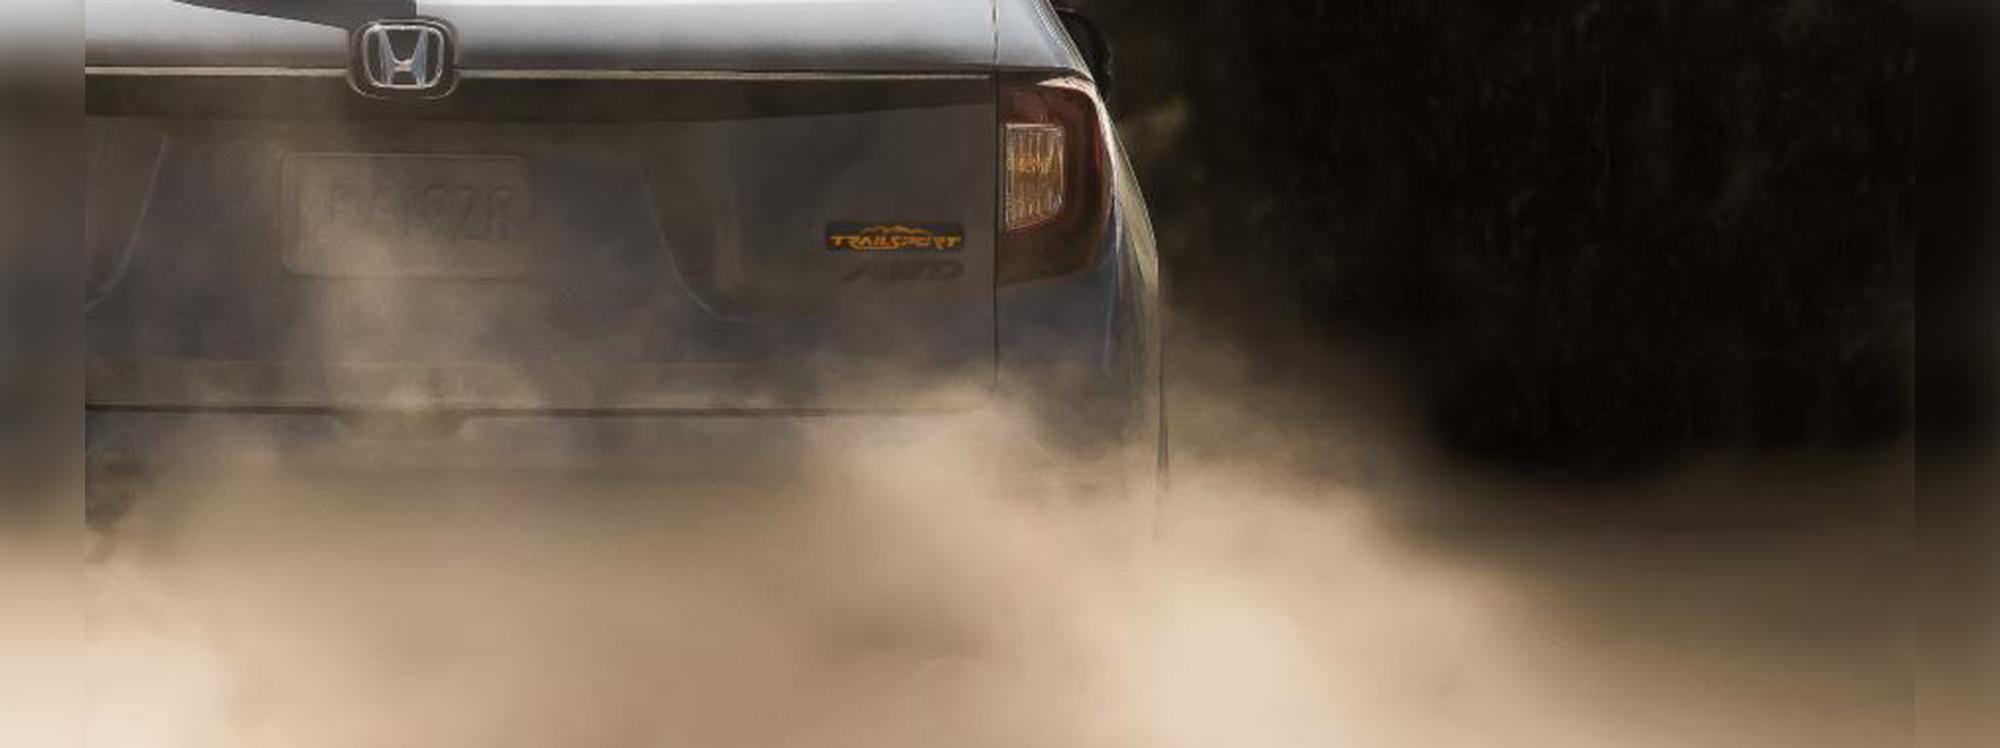 Honda TrailSport, exclusivo para camionetas ligeras